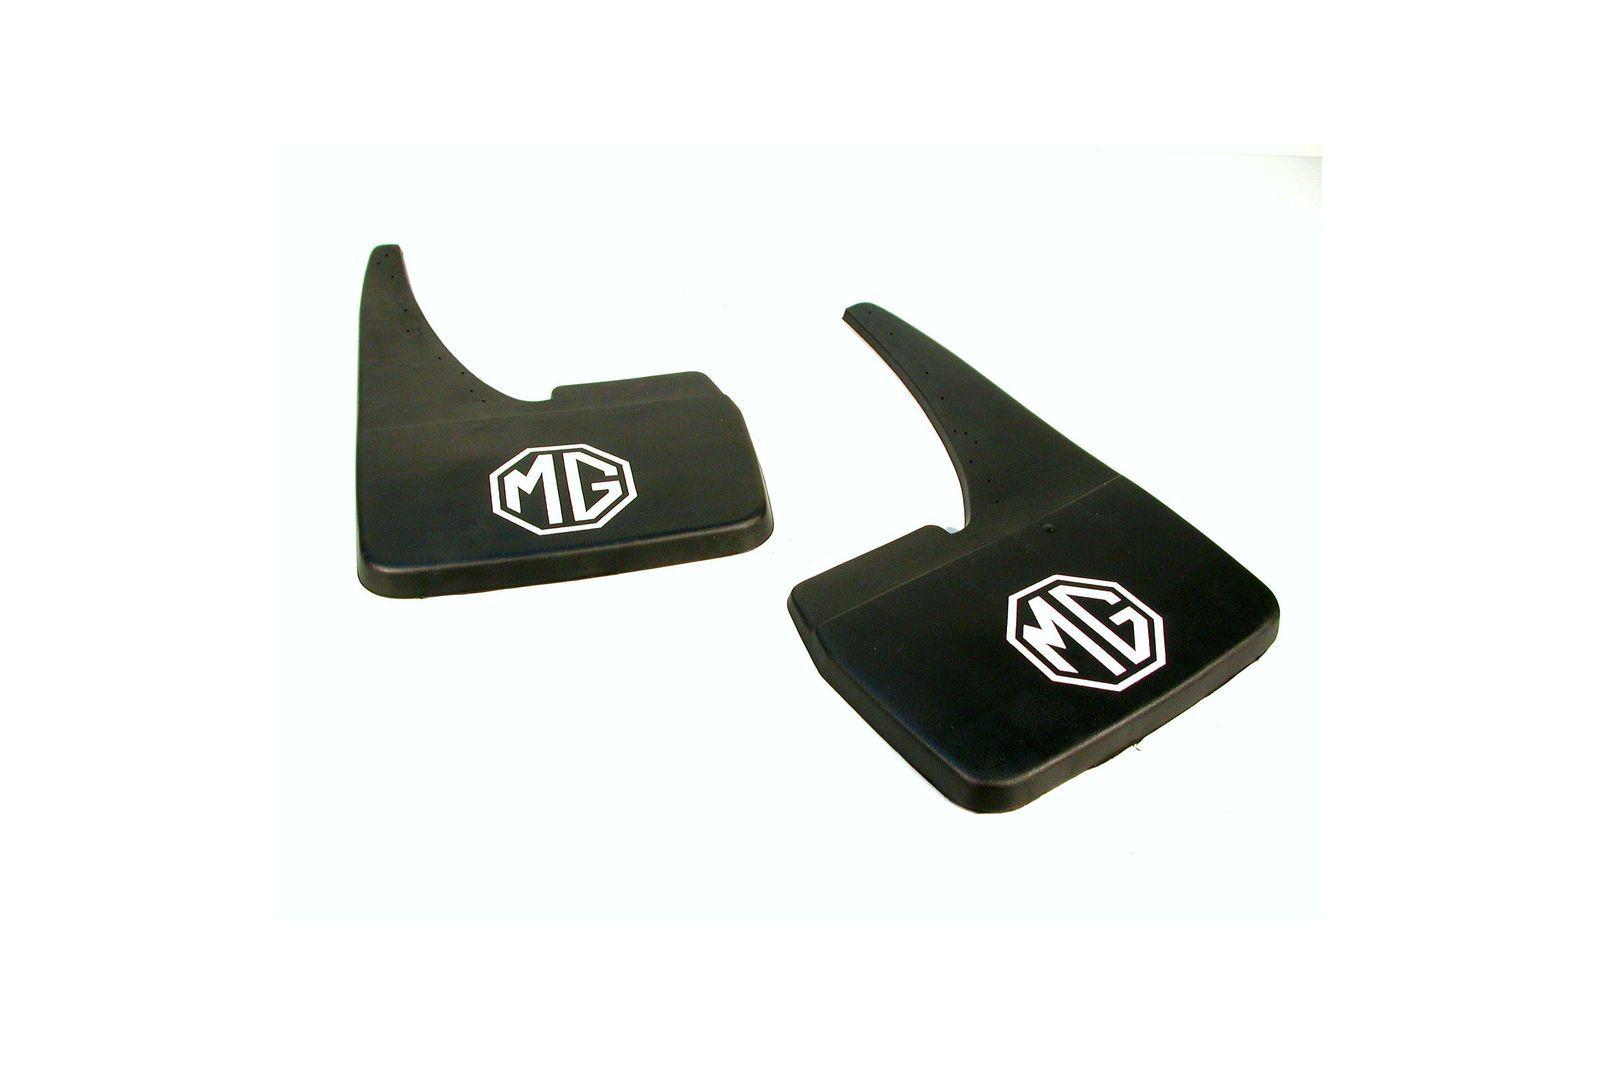 #Schmutzlappen vorne oder hinten MG mit eingedruckte MG-Logo, Paar, GAC4009